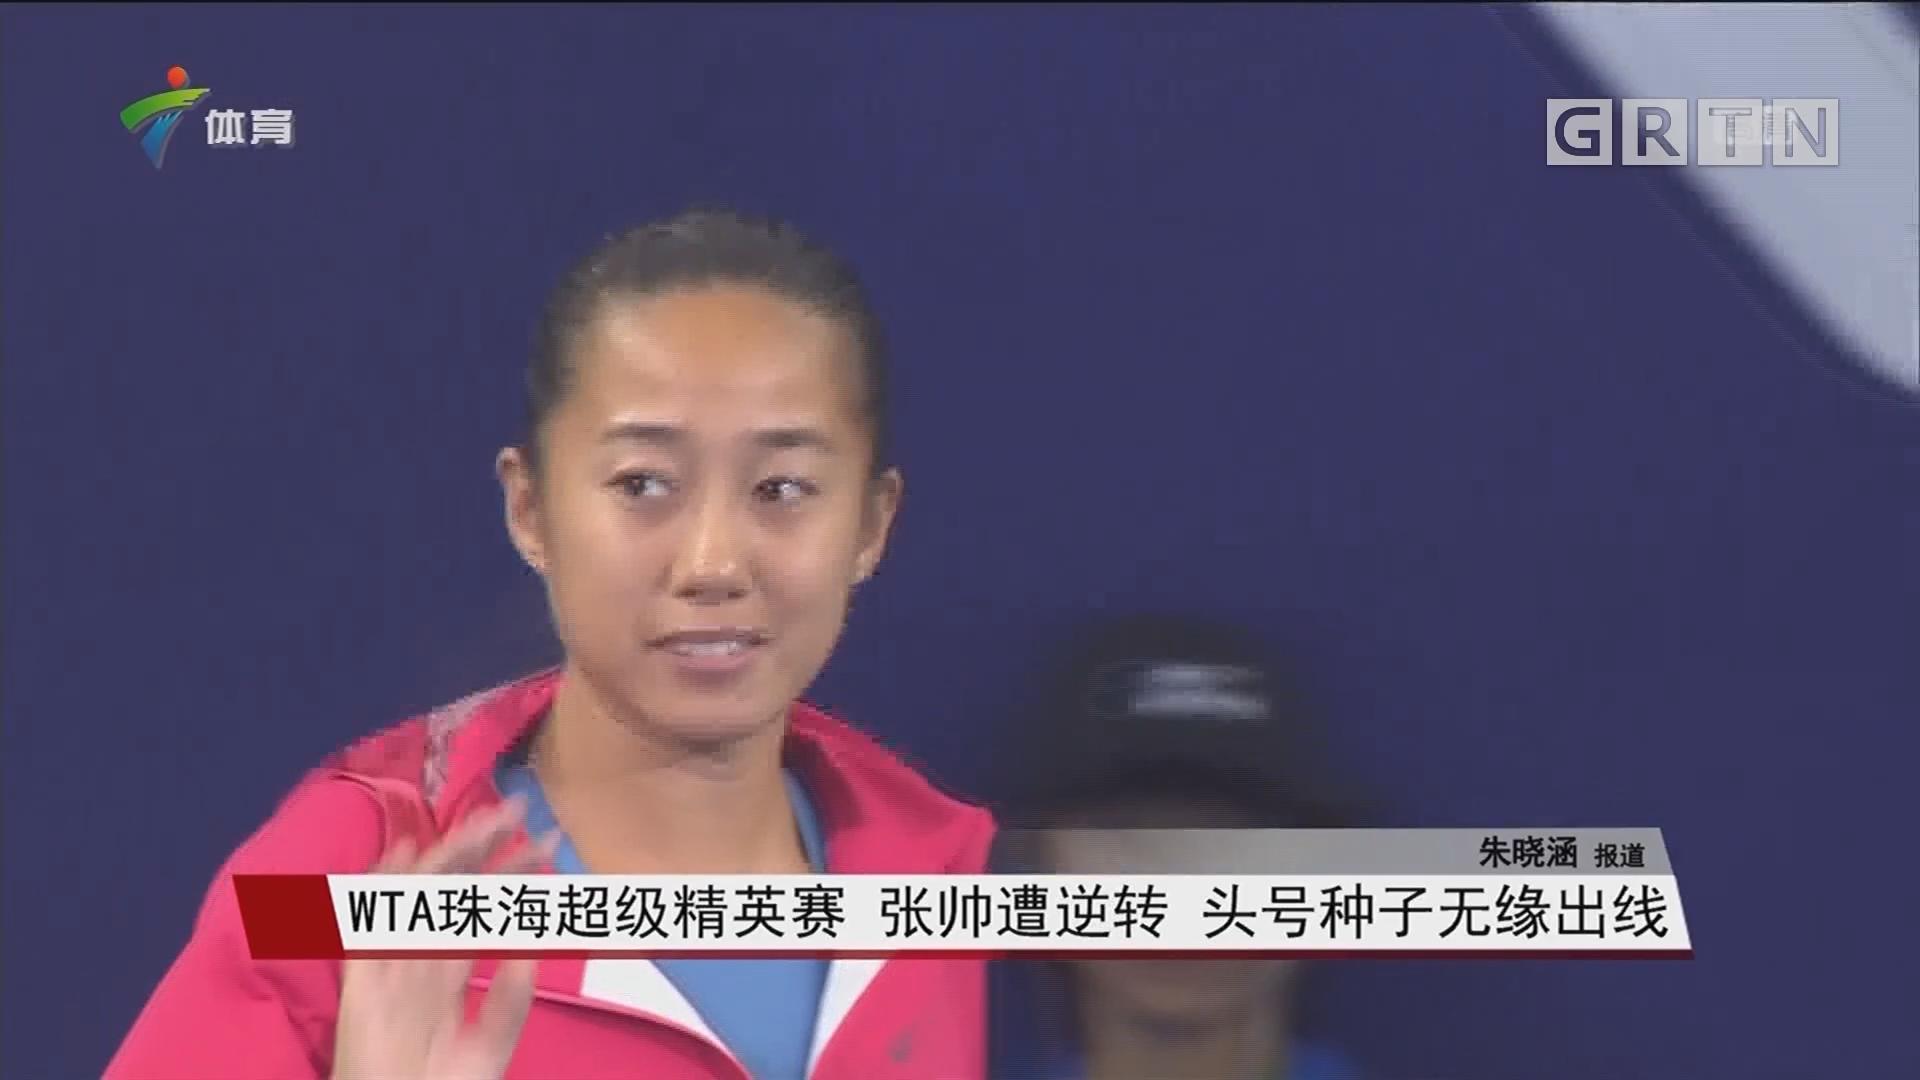 WTA珠海超级精英赛 张帅遭逆转 头号种子无缘出线